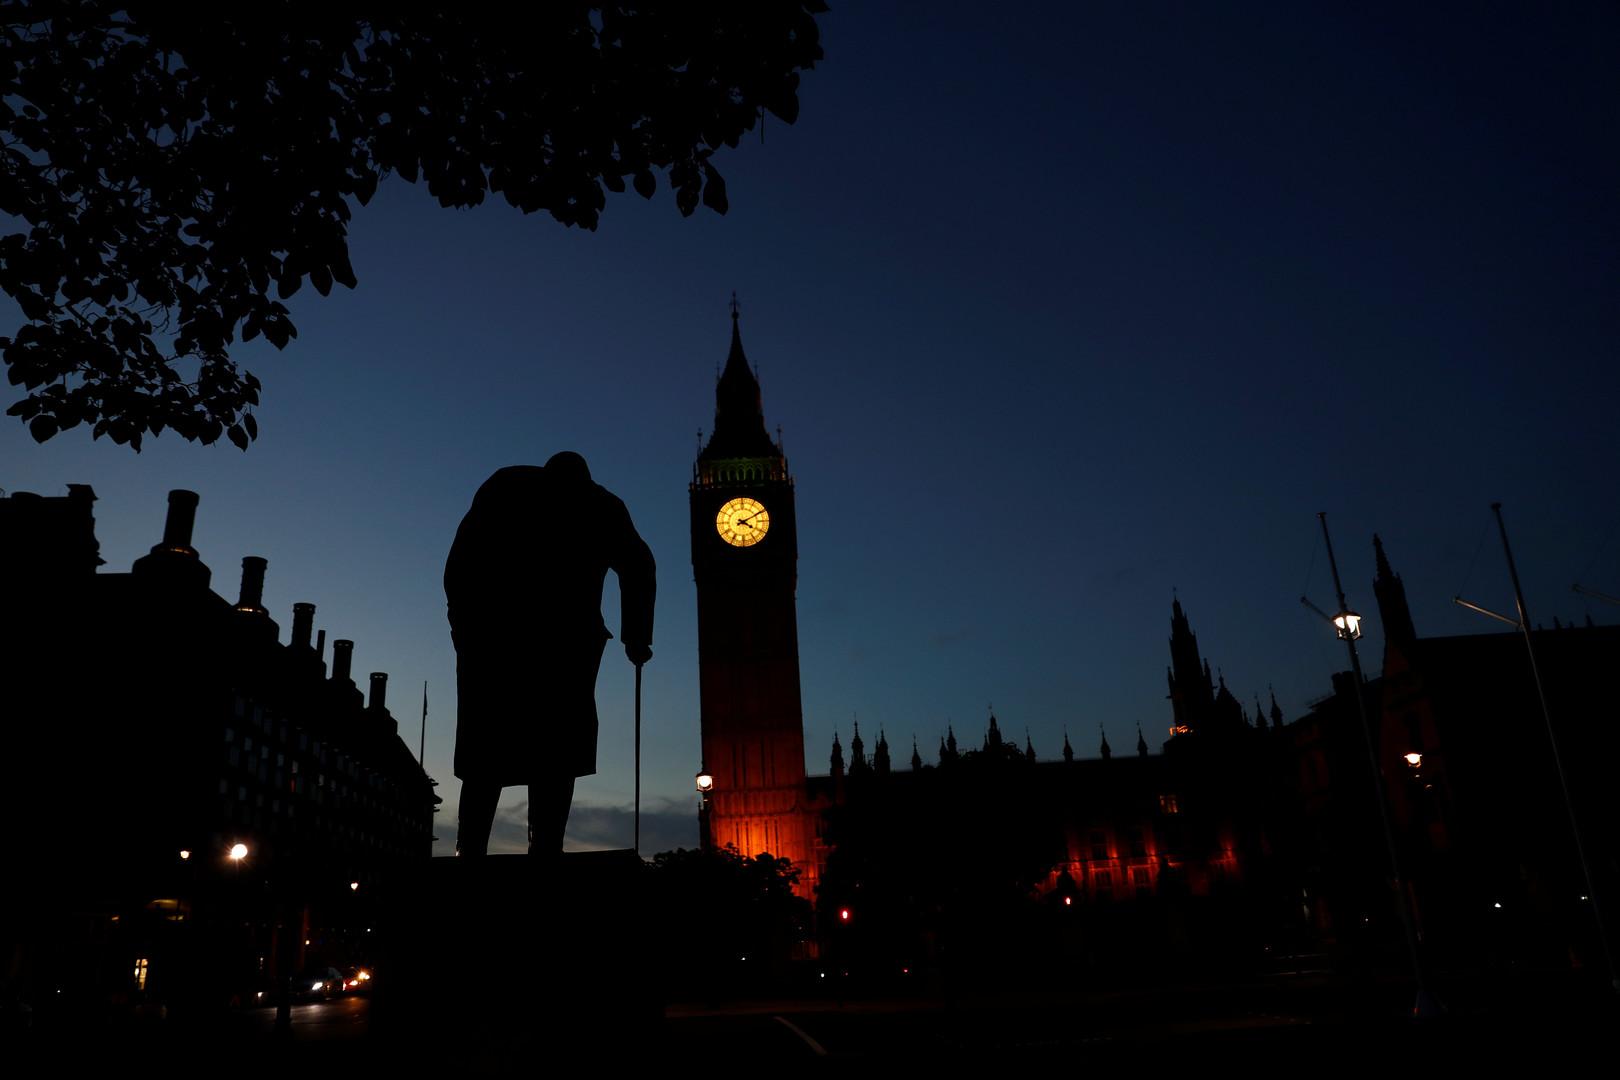 نتيجة بحث الصور عن حكومة لندن تواجه انتقادات داخلية على خلفية احتجاز إيران الناقلة البريطانية